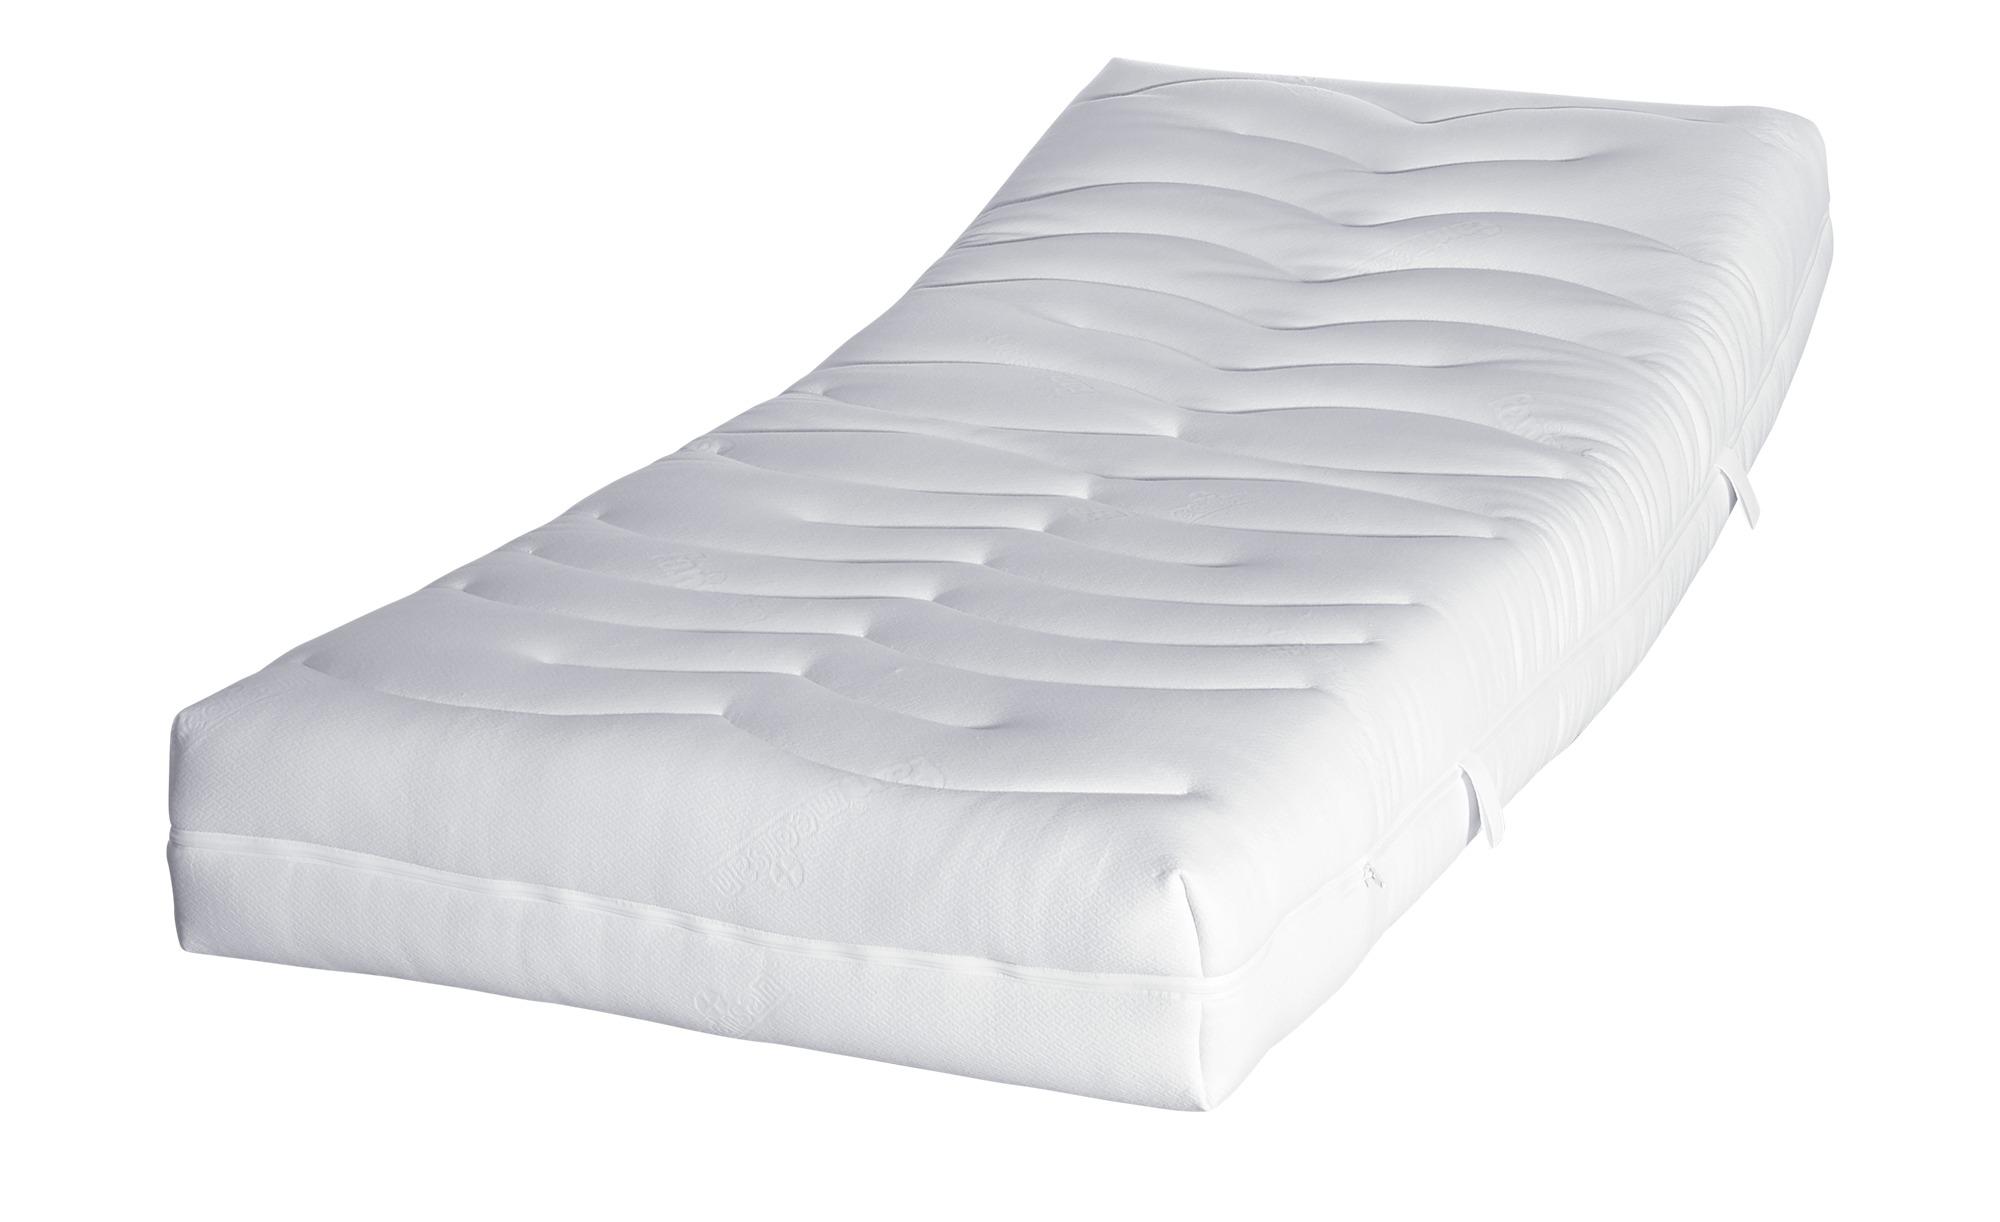 Viscoschaummatratze  Medisan Luxus VS - weiß - 100 cm - 20 cm - 200 cm - Sconto | Schlafzimmer > Matratzen > Viscoschaum-Matratzen | Sconto